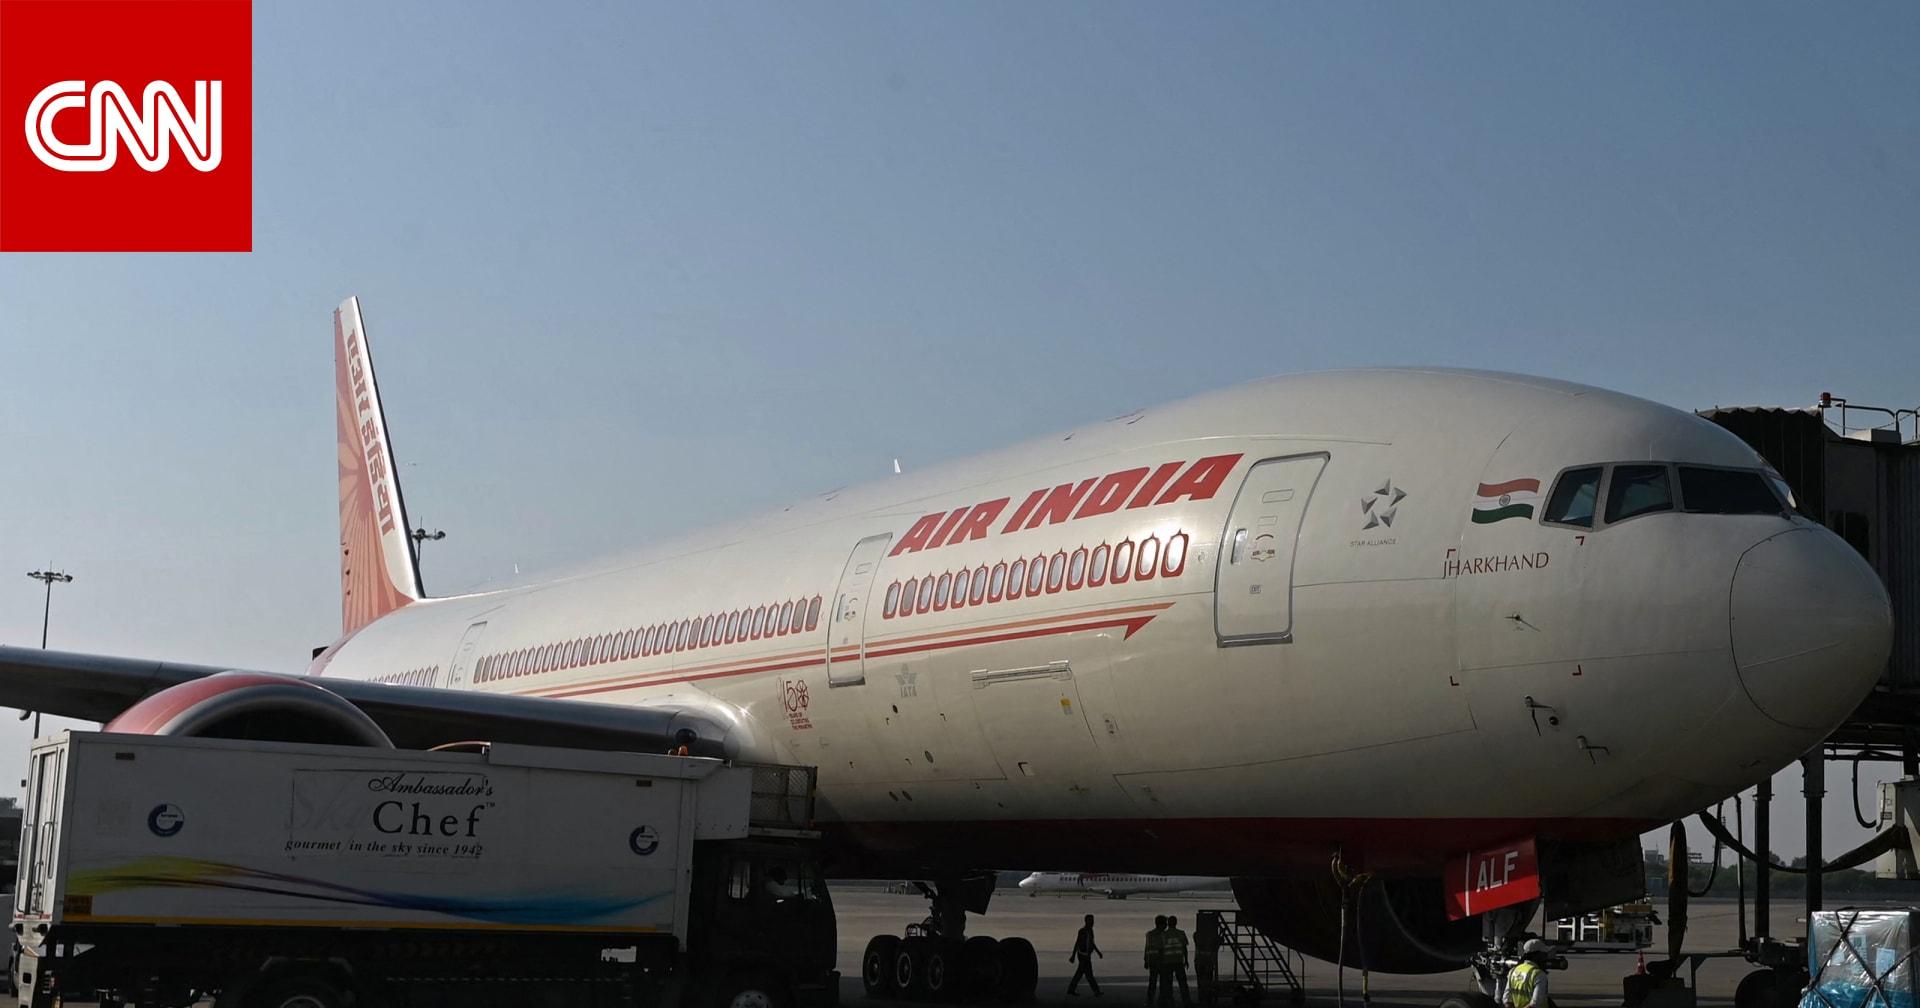 الحكومة الهندية تبيع شركة طيران الهند المثقلة بالديون لمالكها الأصلي تاتا